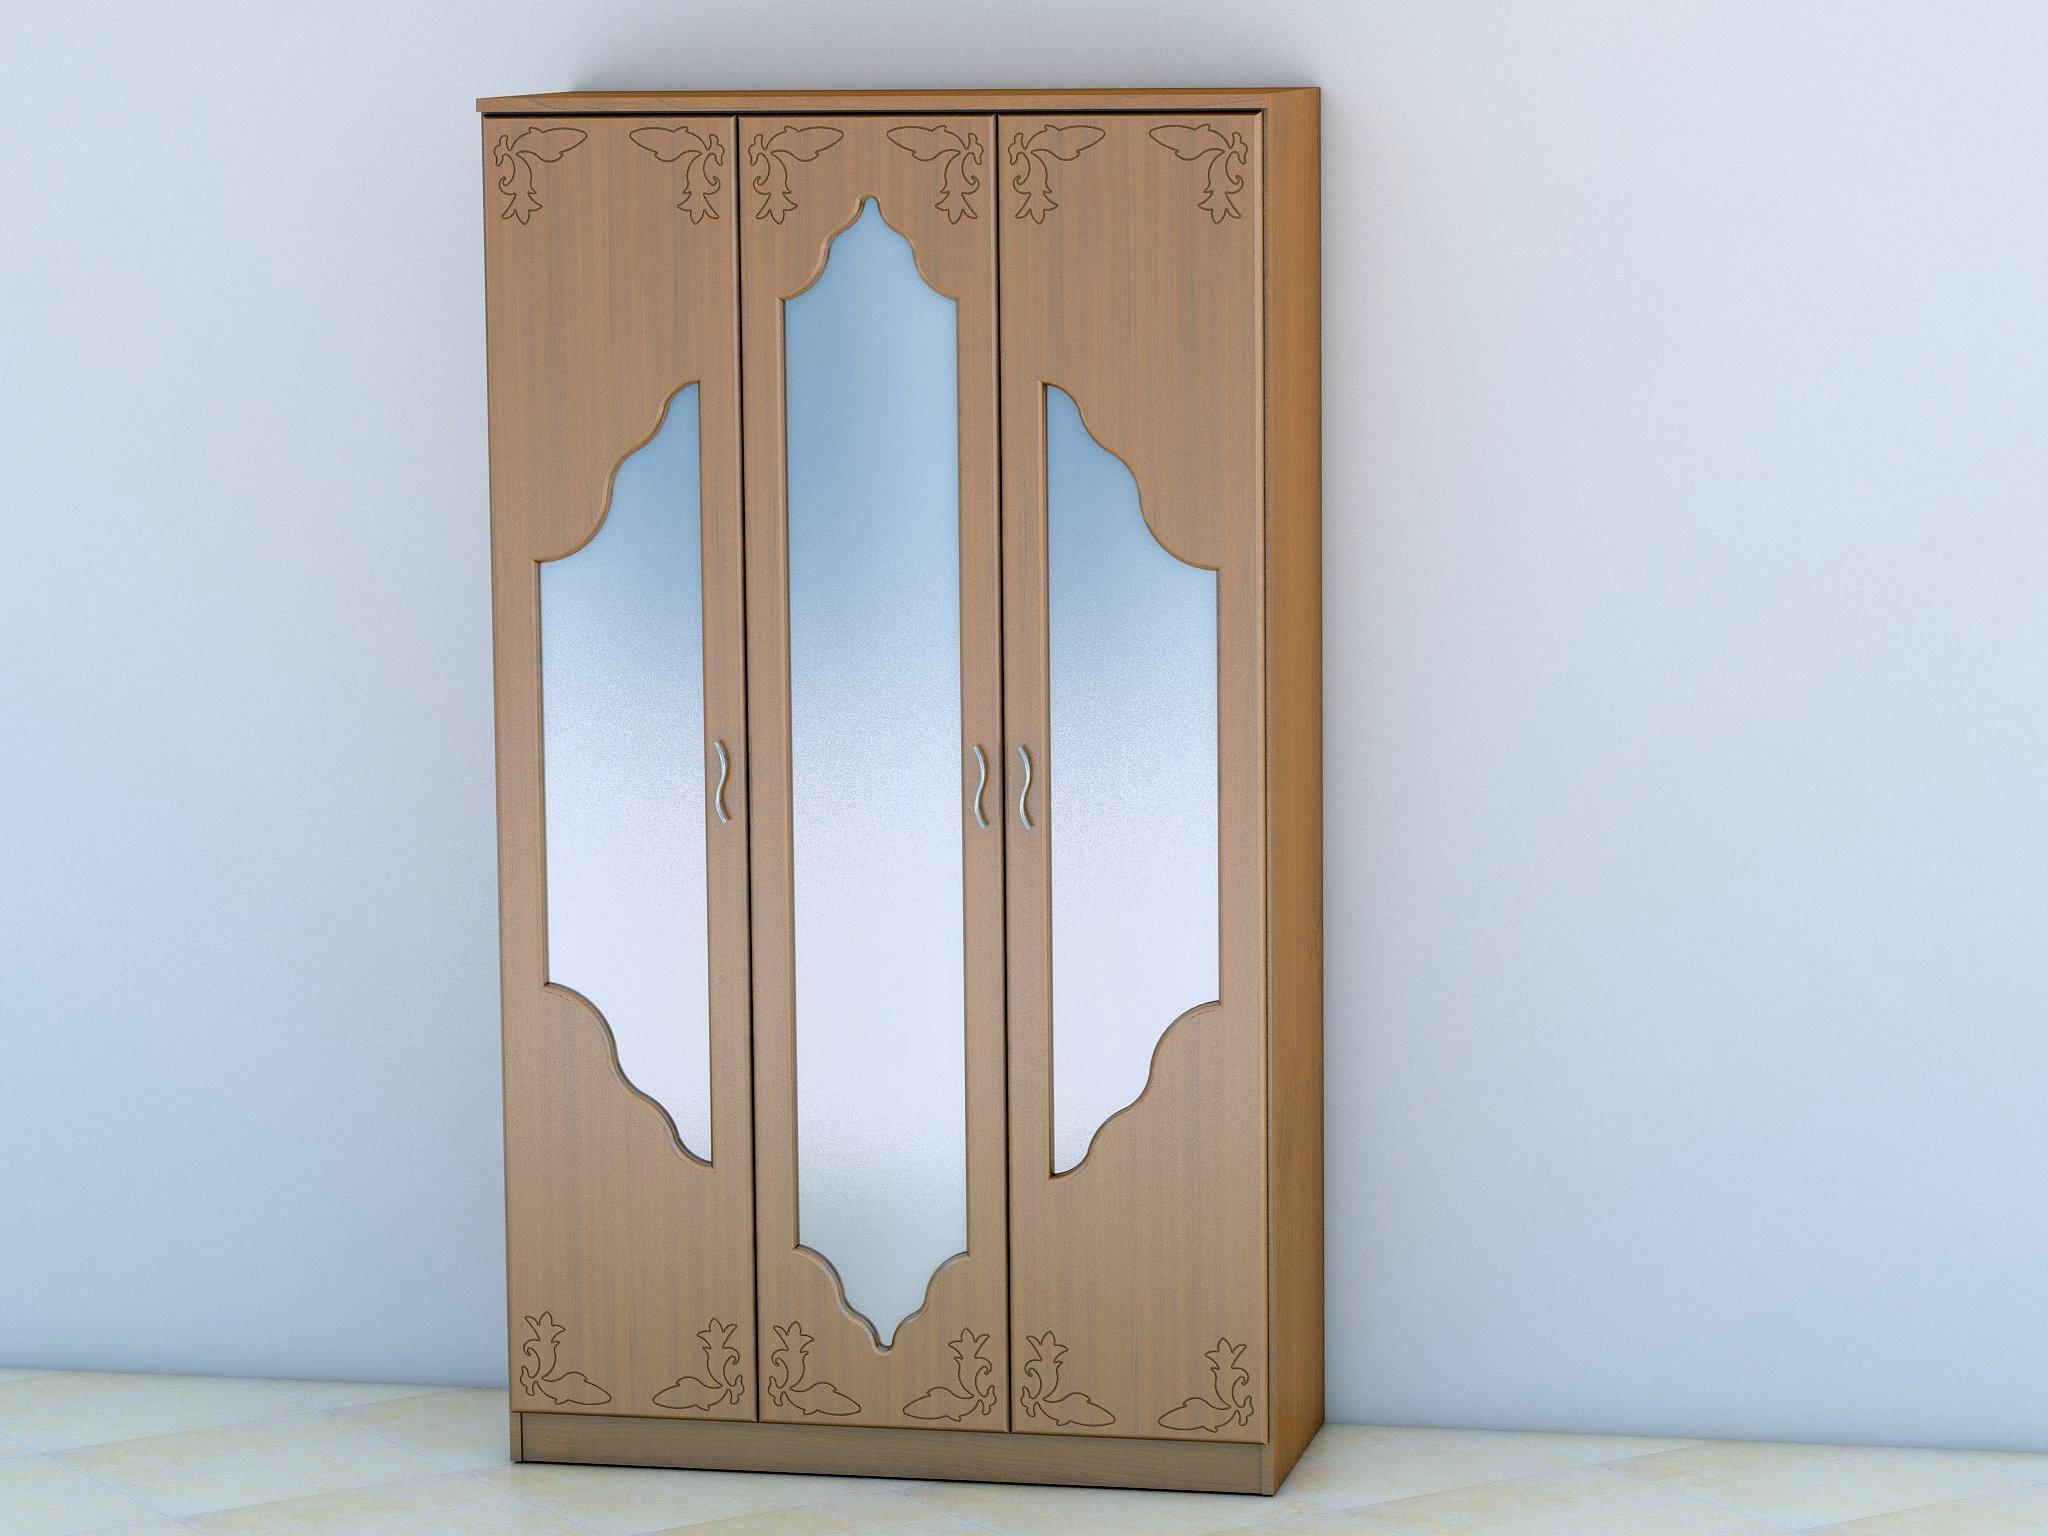 Шкаф горизонт 3 с тремя зеркалами за 12100 руб., фото.